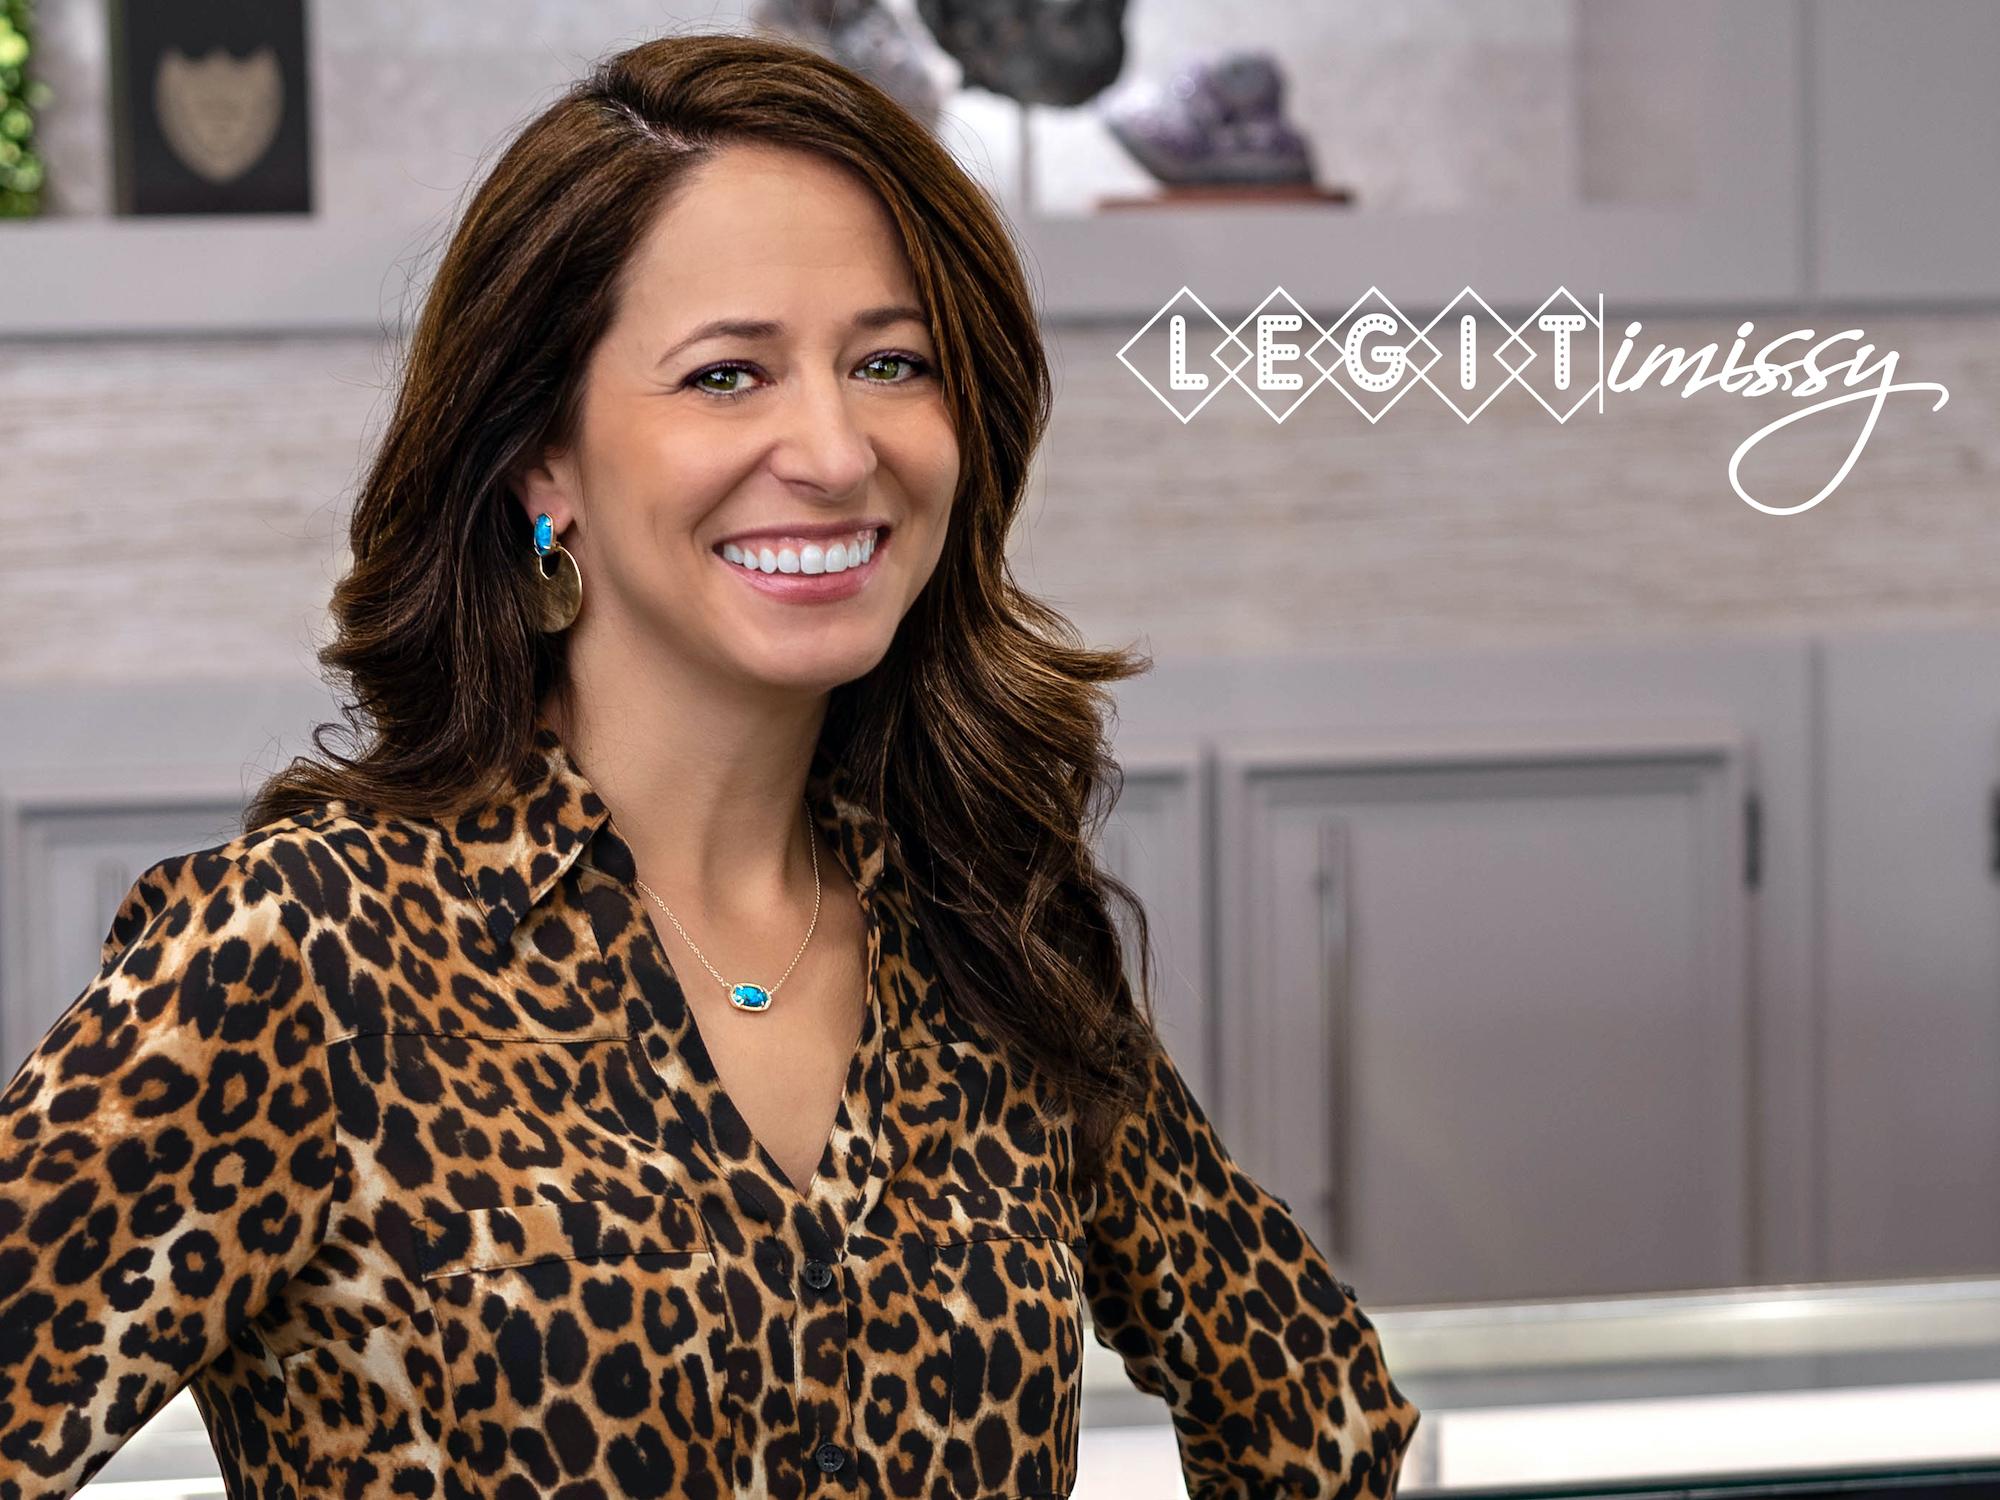 Headshot of manager Missy next to the LegitiMissy logo